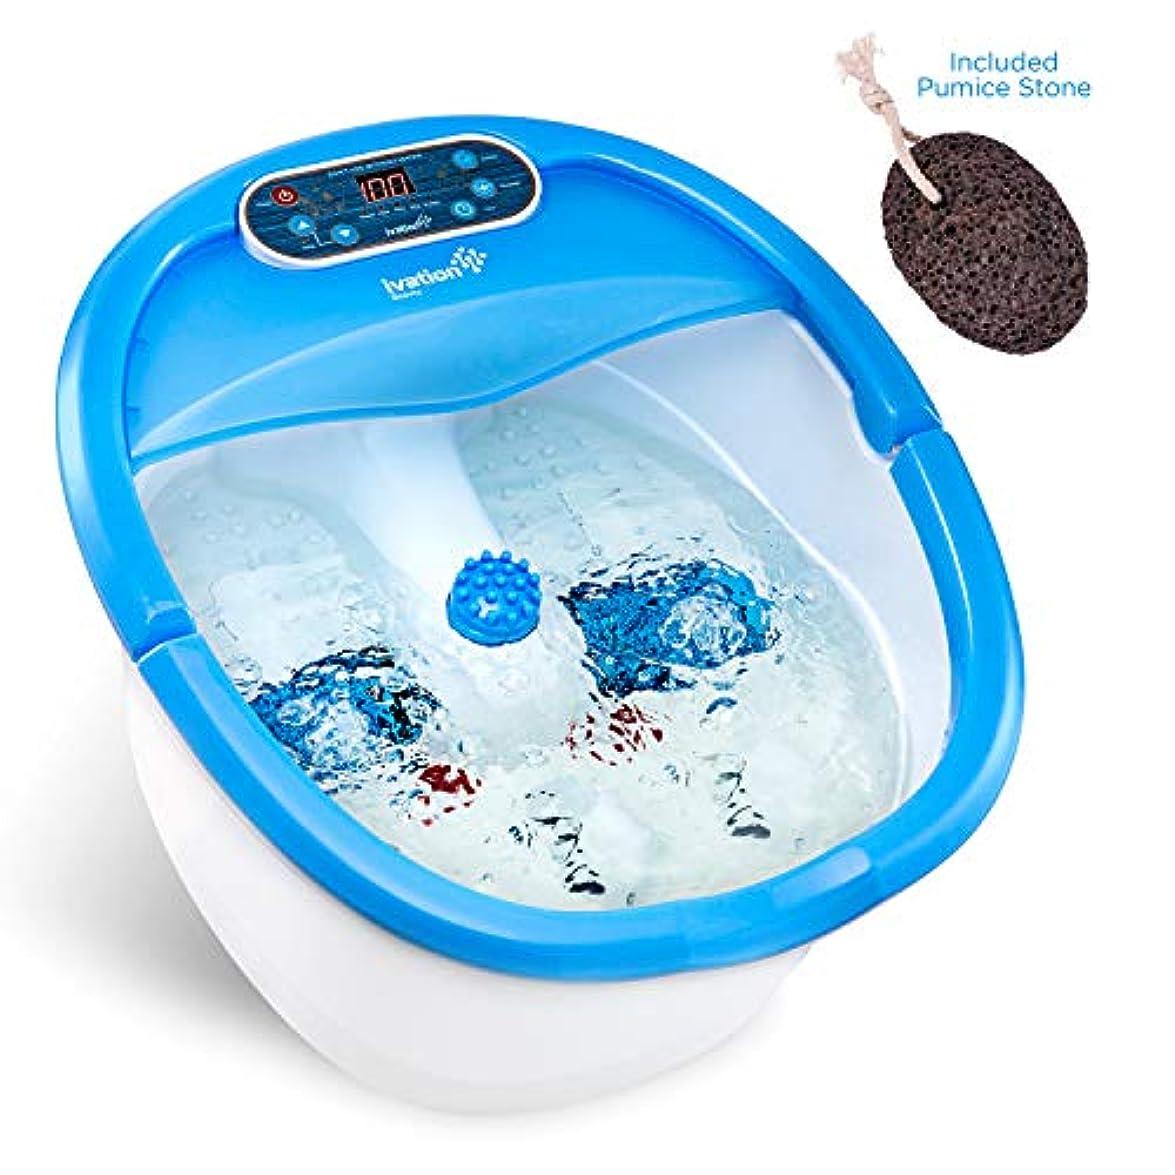 憂慮すべき開発する準備したフォットスパ マッサージャー Ivation Foot Spa Massager - Heated Bath, Automatic Massage Rollers, Vibration, Bubbles, Digital...